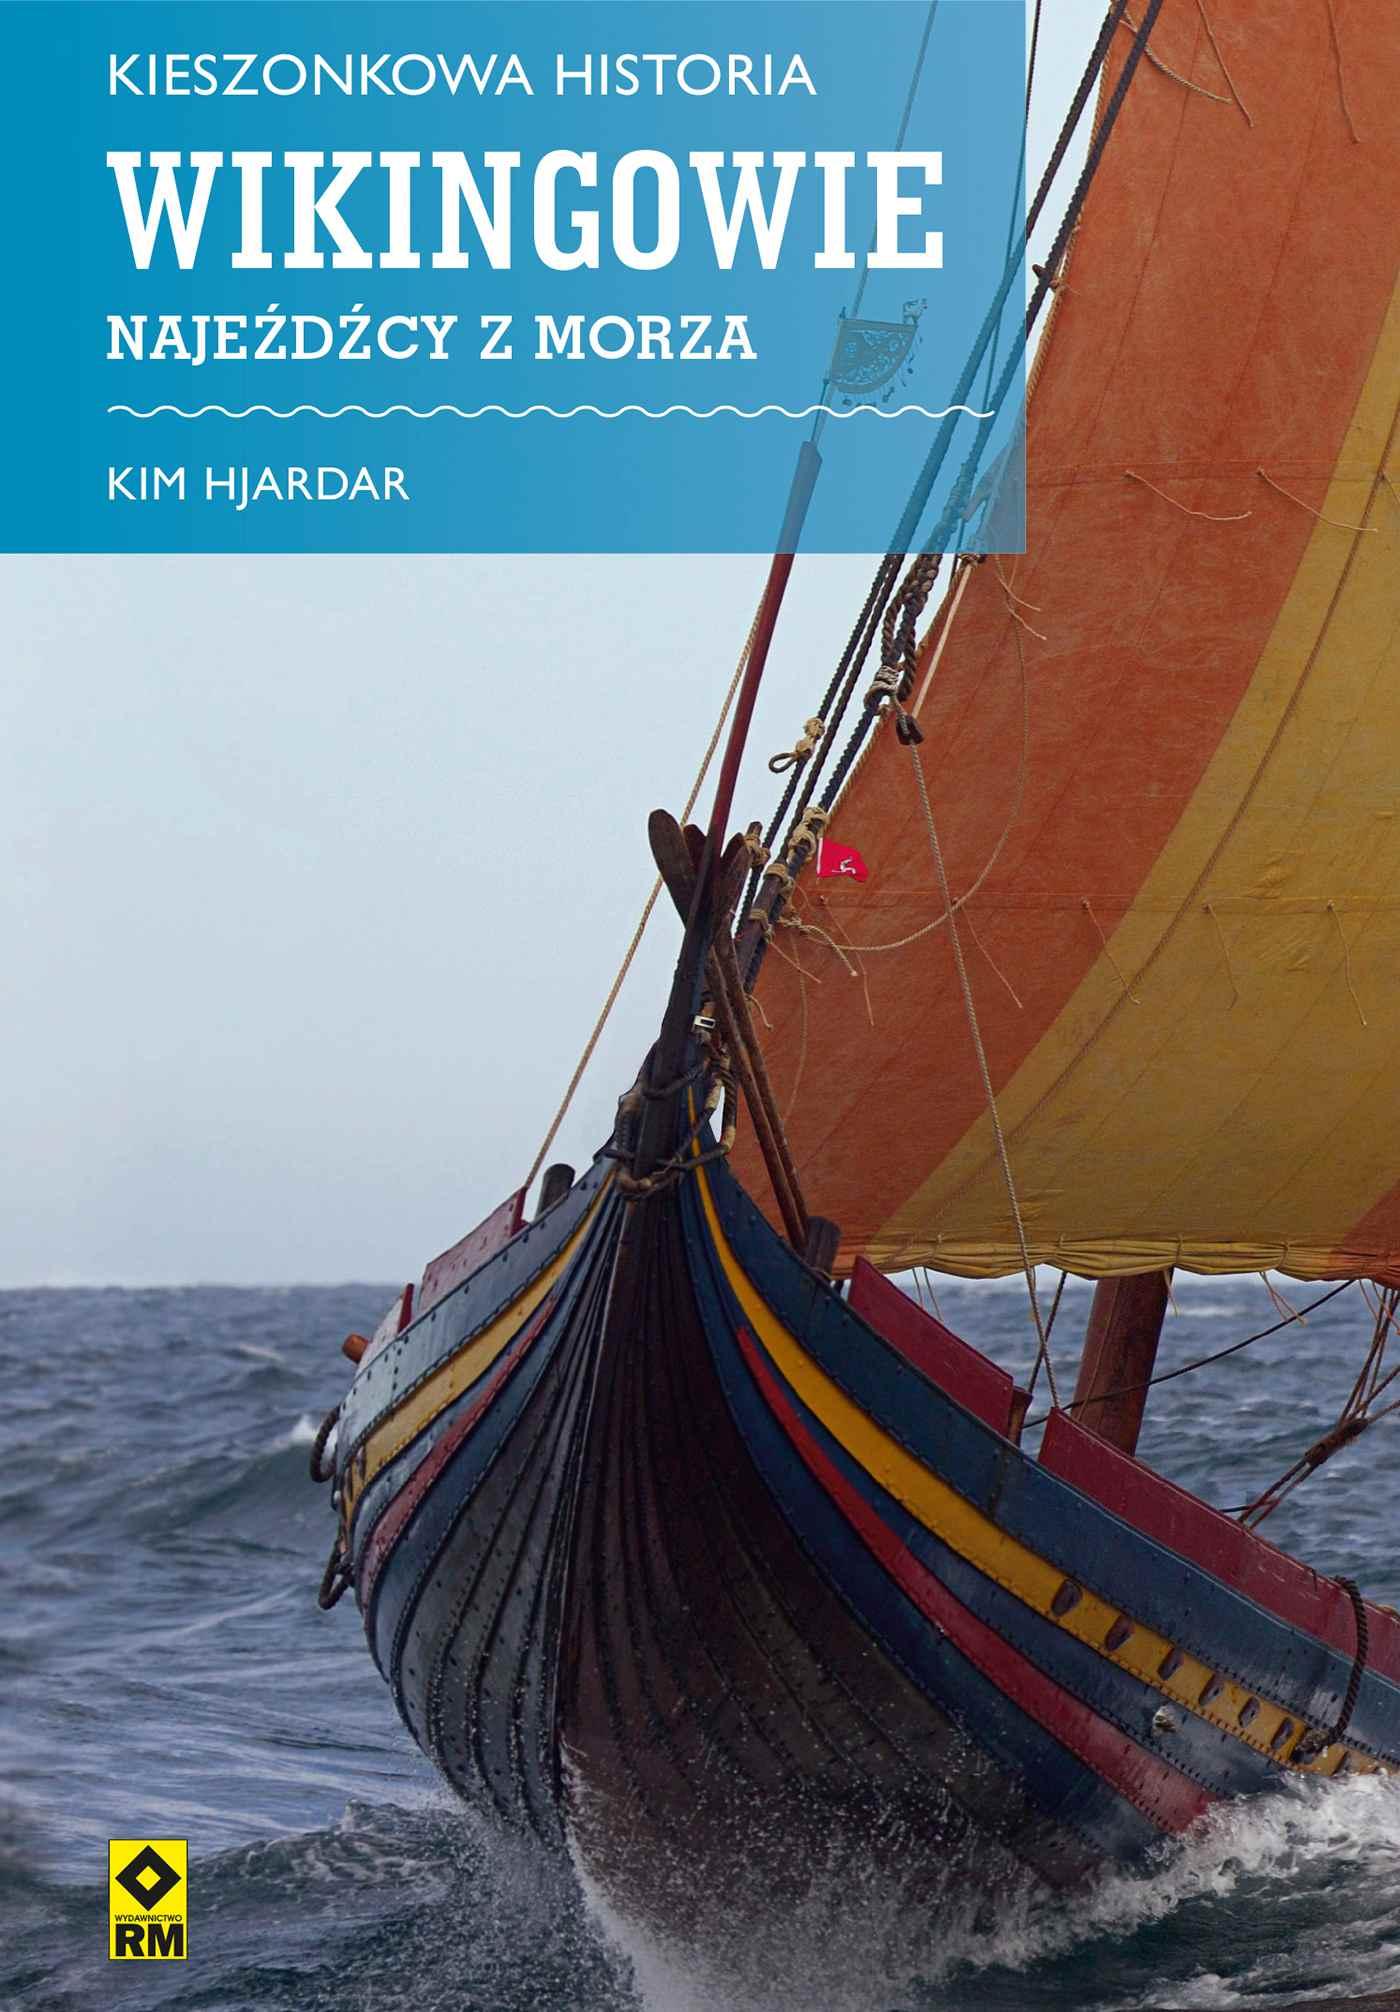 Wikingowie. Najeźdźcy z morza - Ebook (Książka EPUB) do pobrania w formacie EPUB